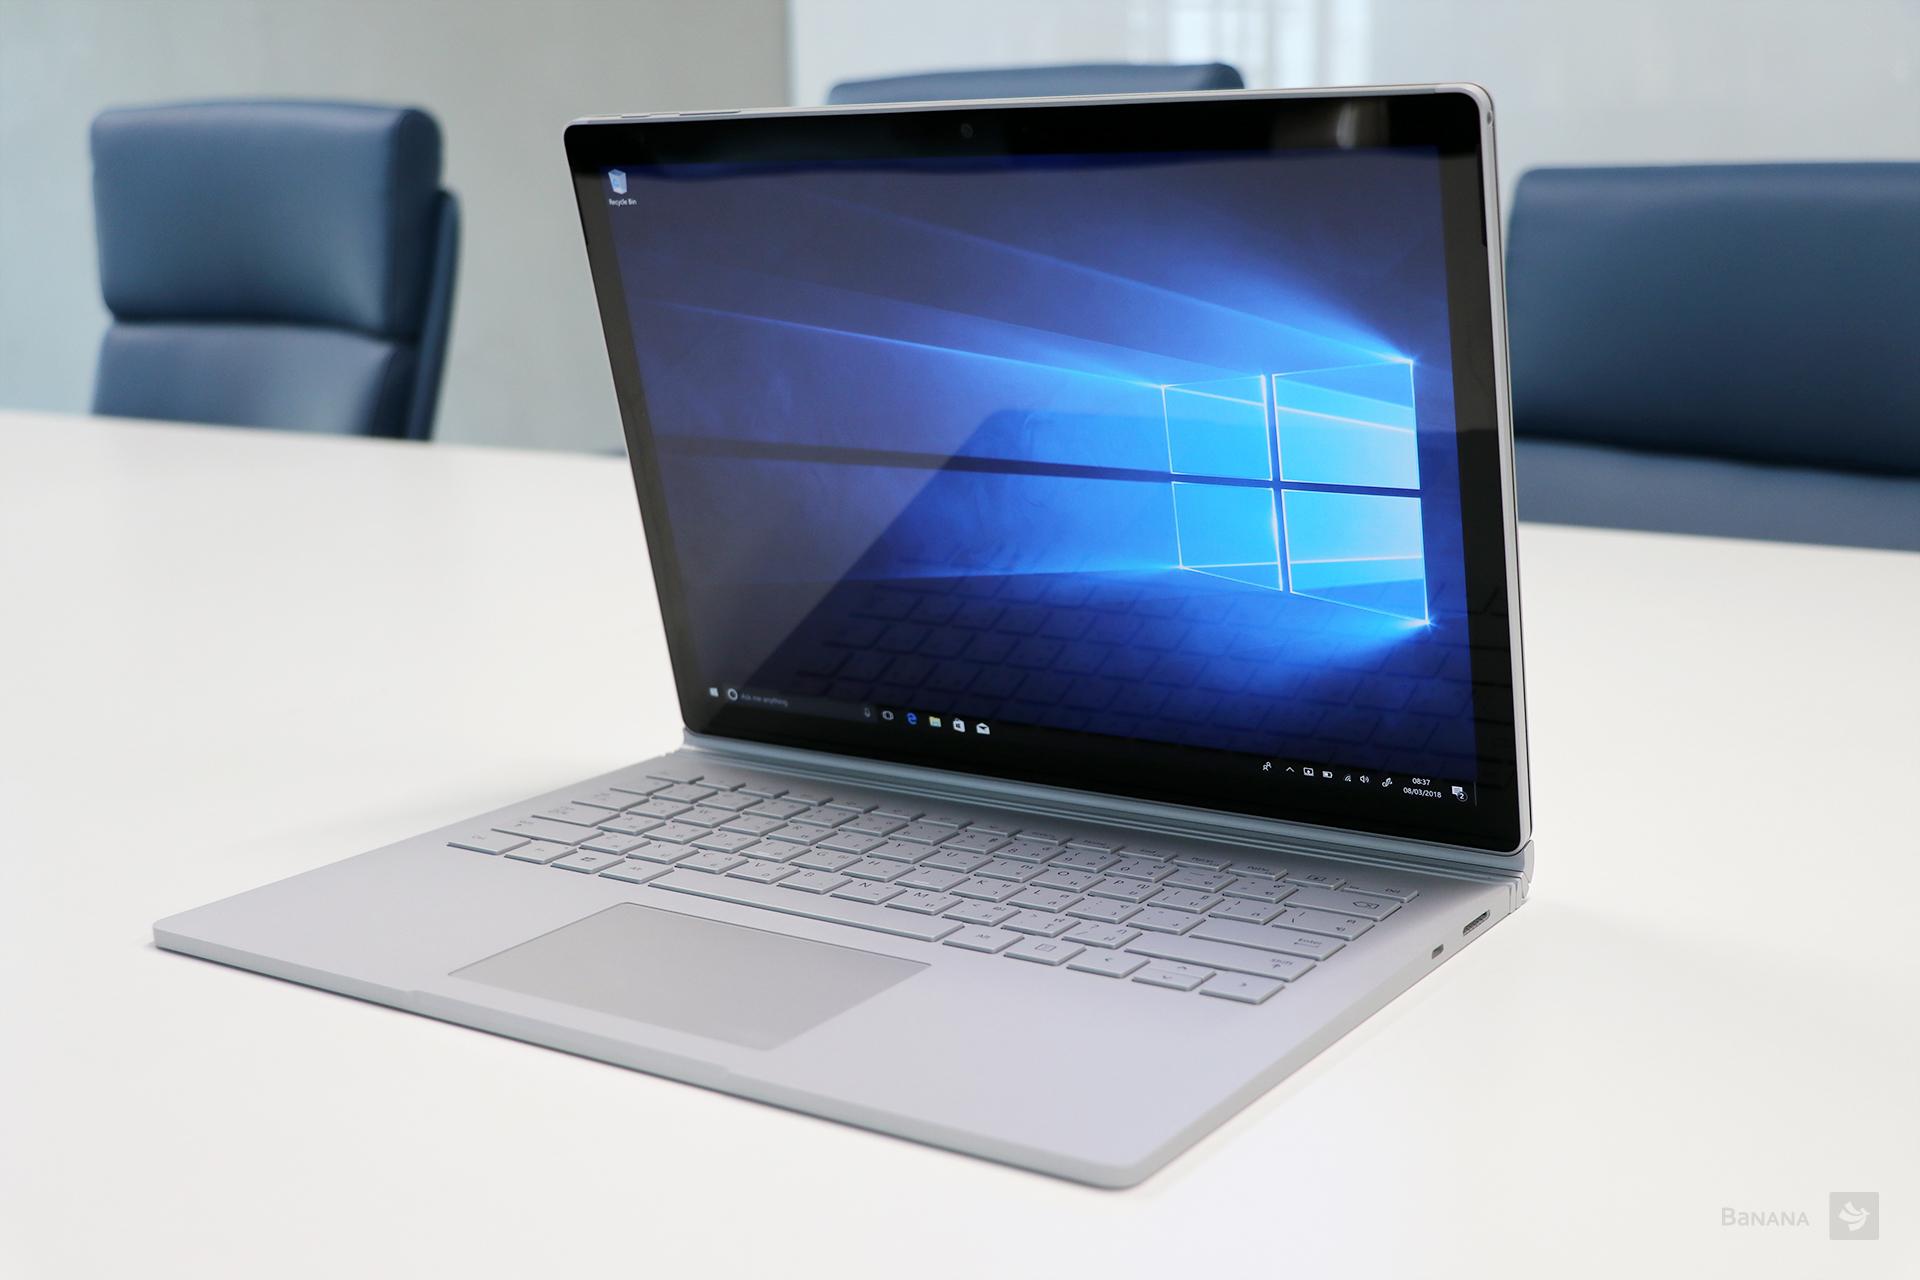 รีวิว Microsoft Surface Book 2 ประสิทธิภาพสูง มาพร้อมดีไซน์